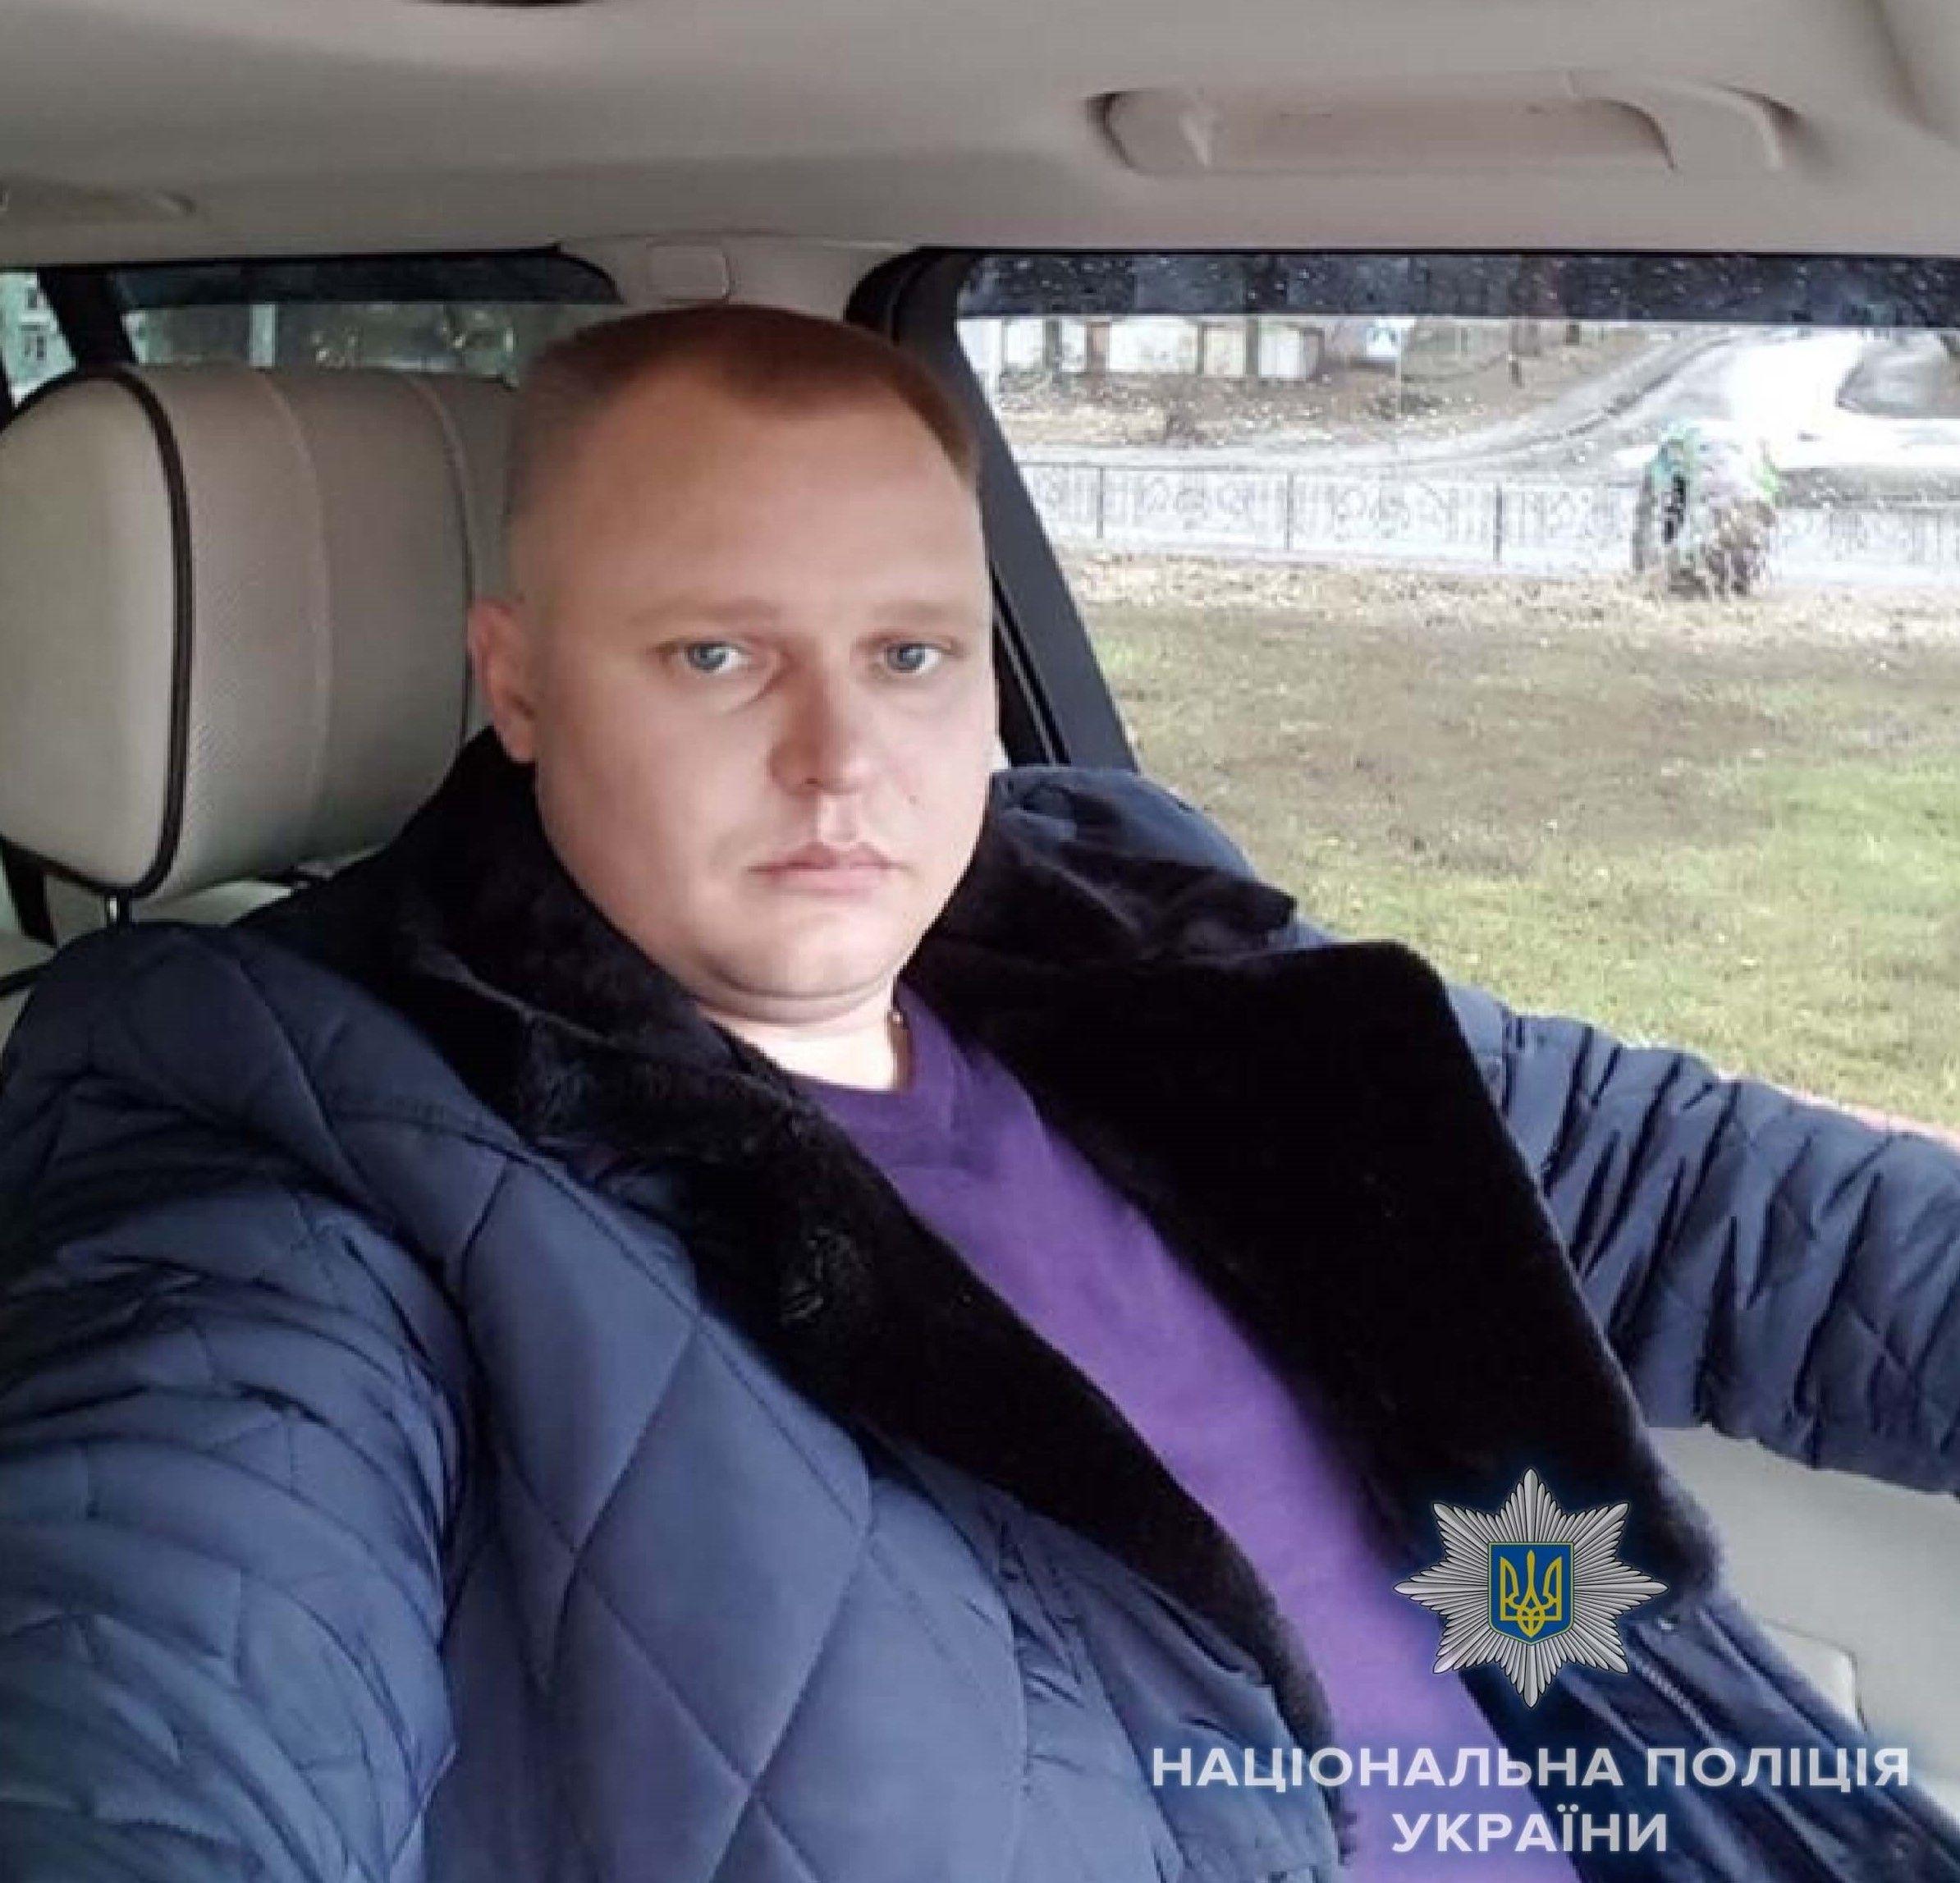 У Києві затримали «шлюбного» афериста, який перебуває у міжнародному розшуку